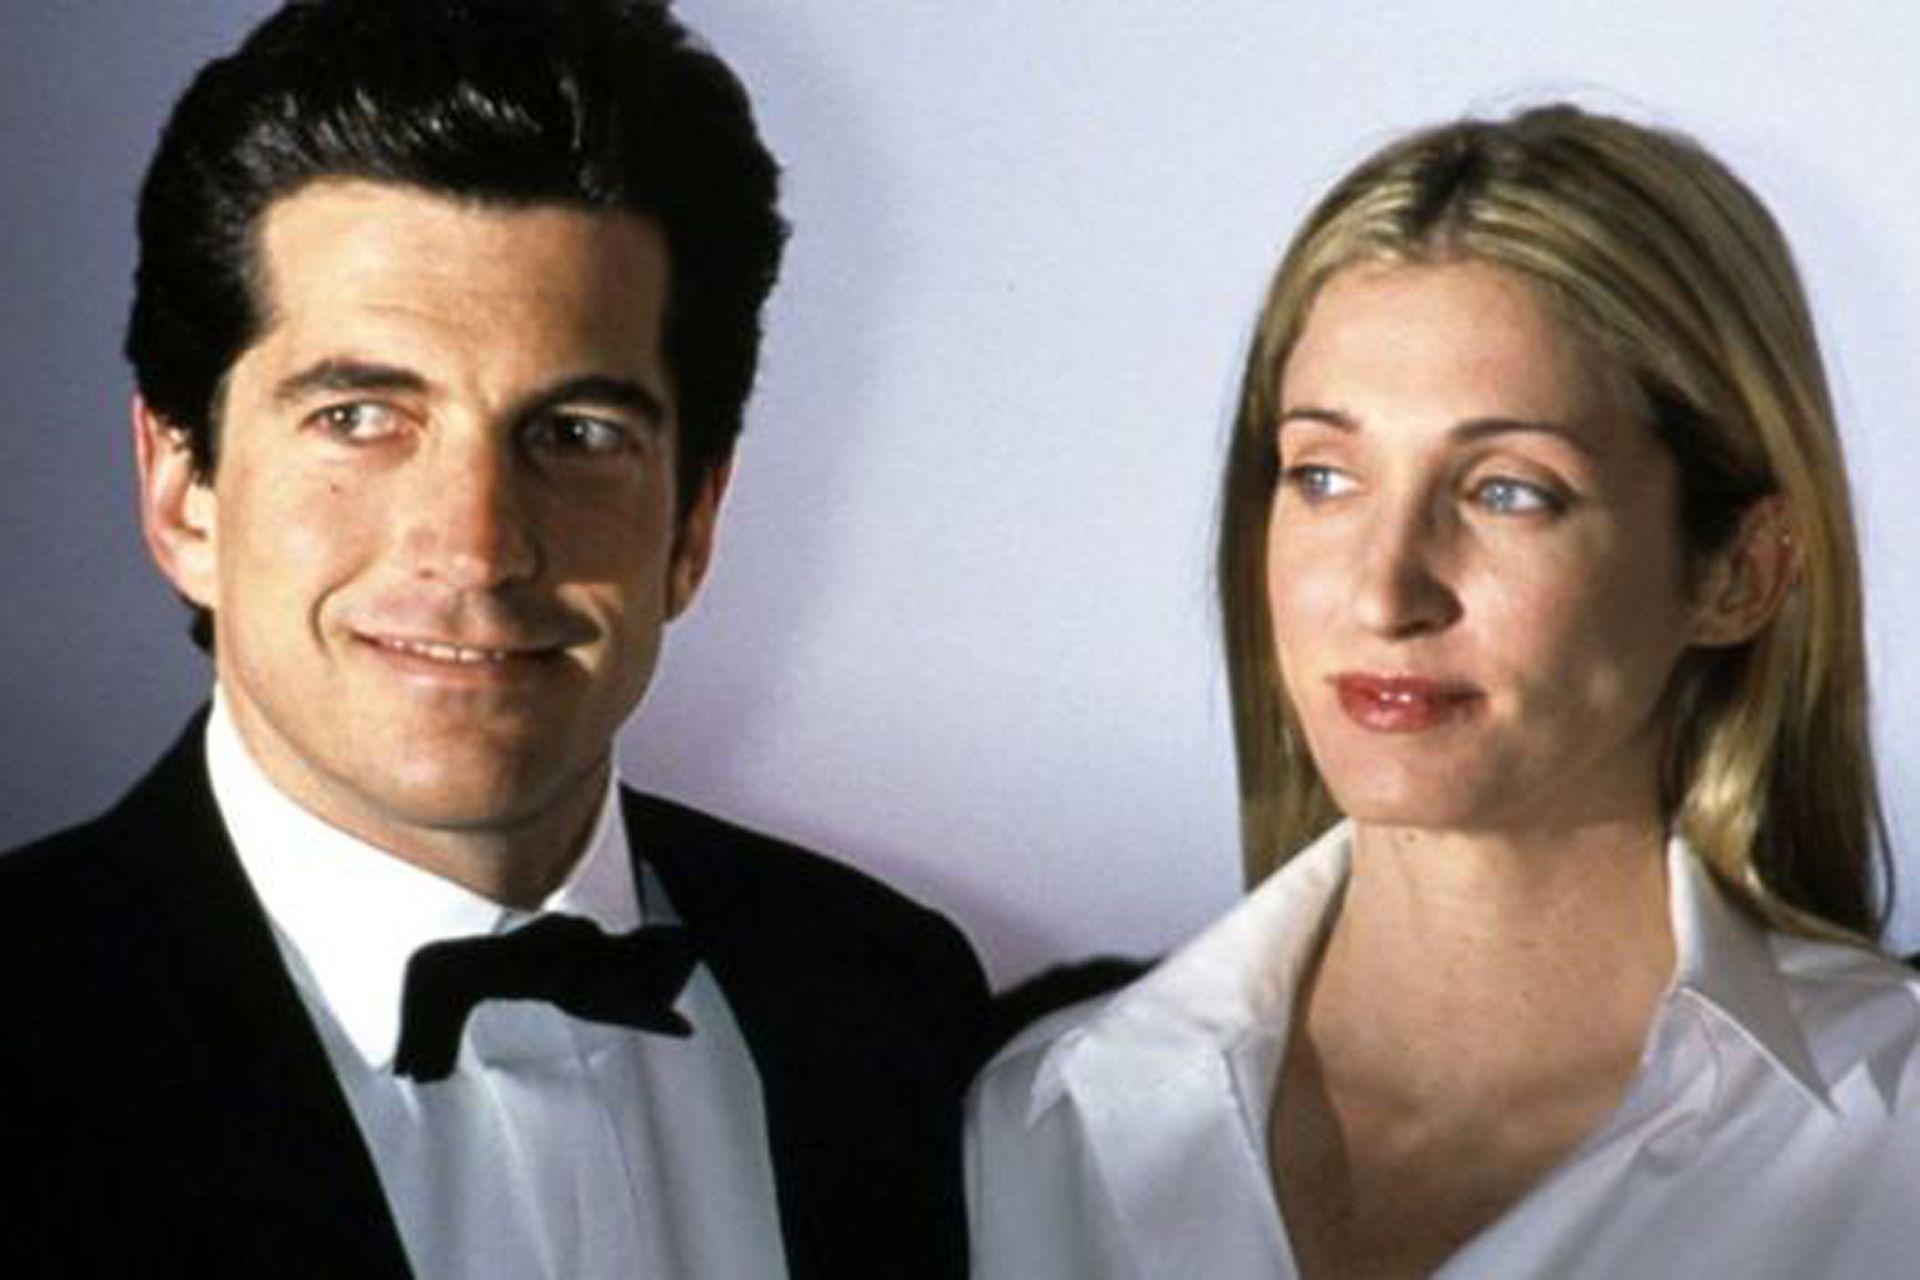 John John, como era conocido, era un hombre carismático de 38 años de edad. Junto a él fallecieron su esposa, Carolyn Bessette, de 33 años (en la imagen), y su cuñada, Lauren Bessette, de 34 años